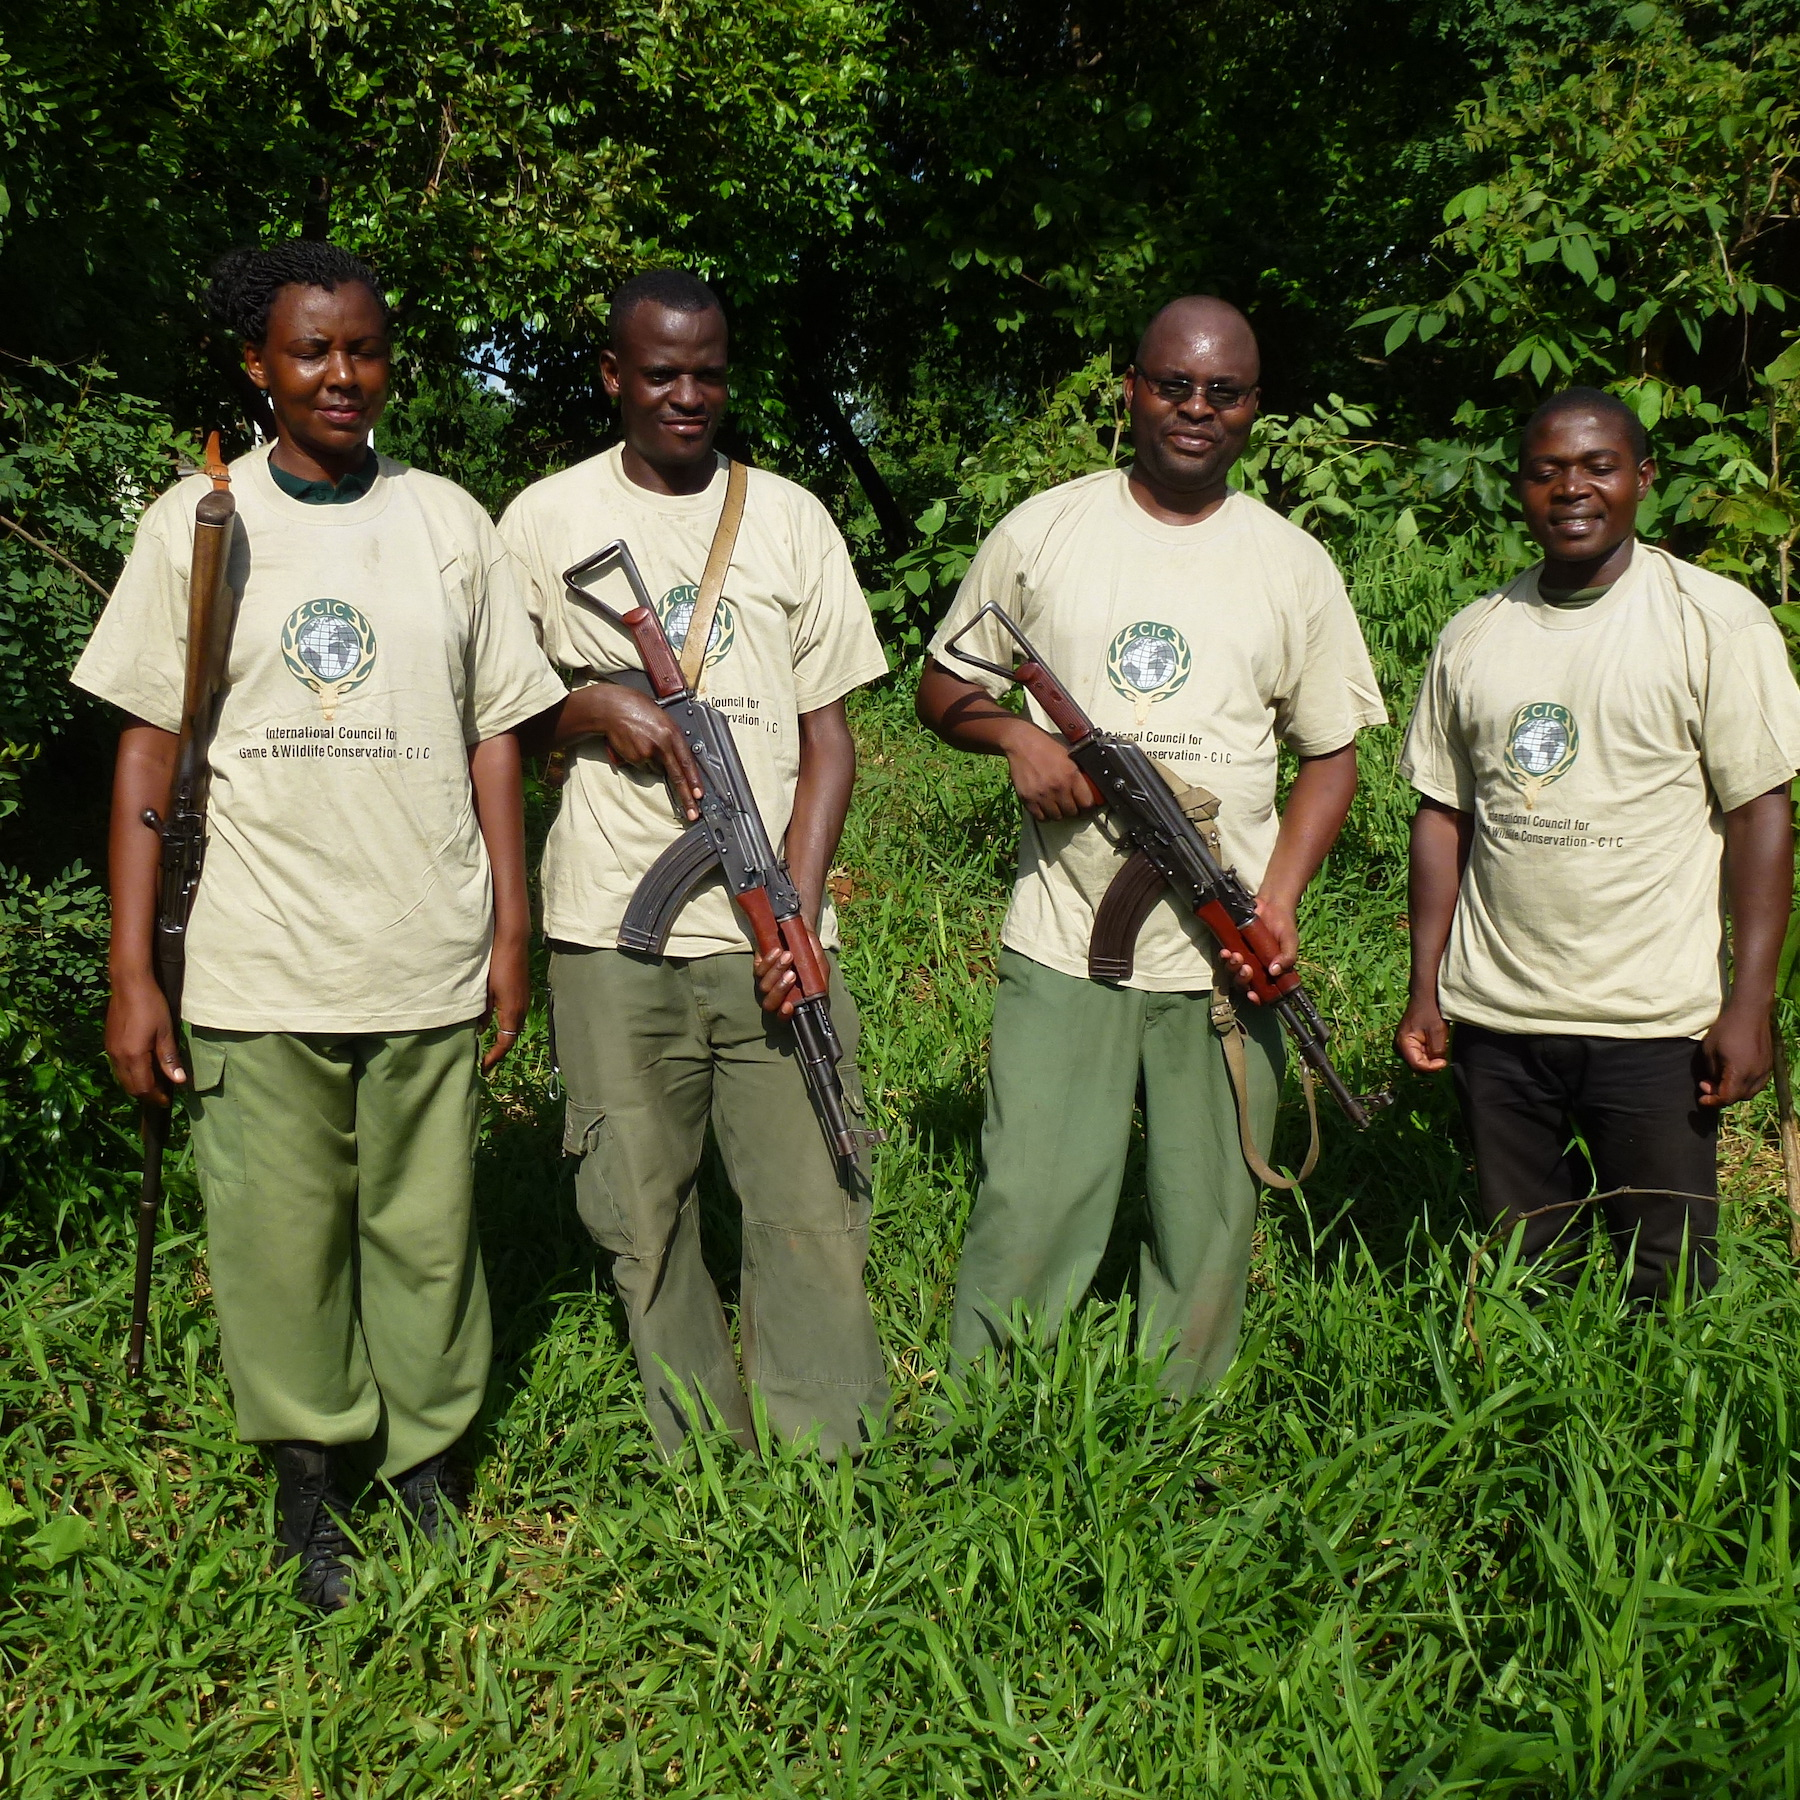 Foto: Dr. Rolf Baldus / Ranger im Selous – unterstützt durch Einnahmen aus dem Jagd-Tourismus.